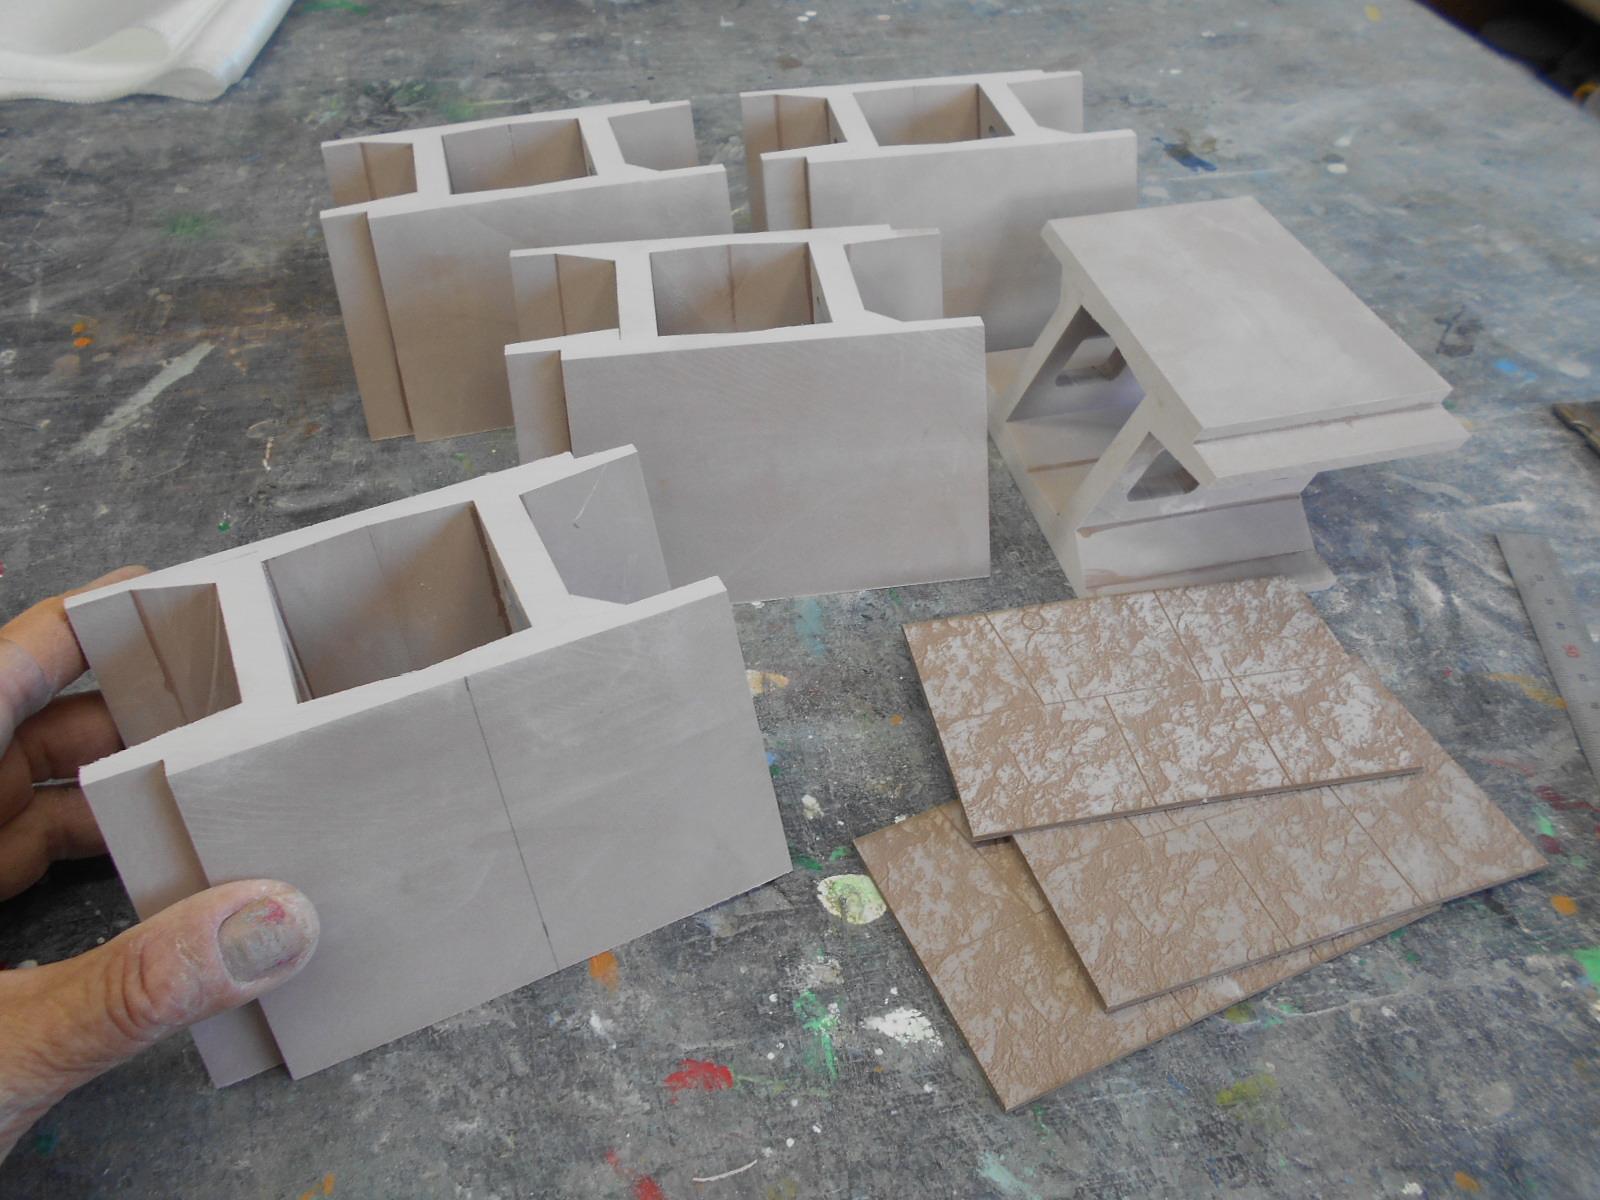 コンクリートブロックの製作_e0146402_22301889.jpg